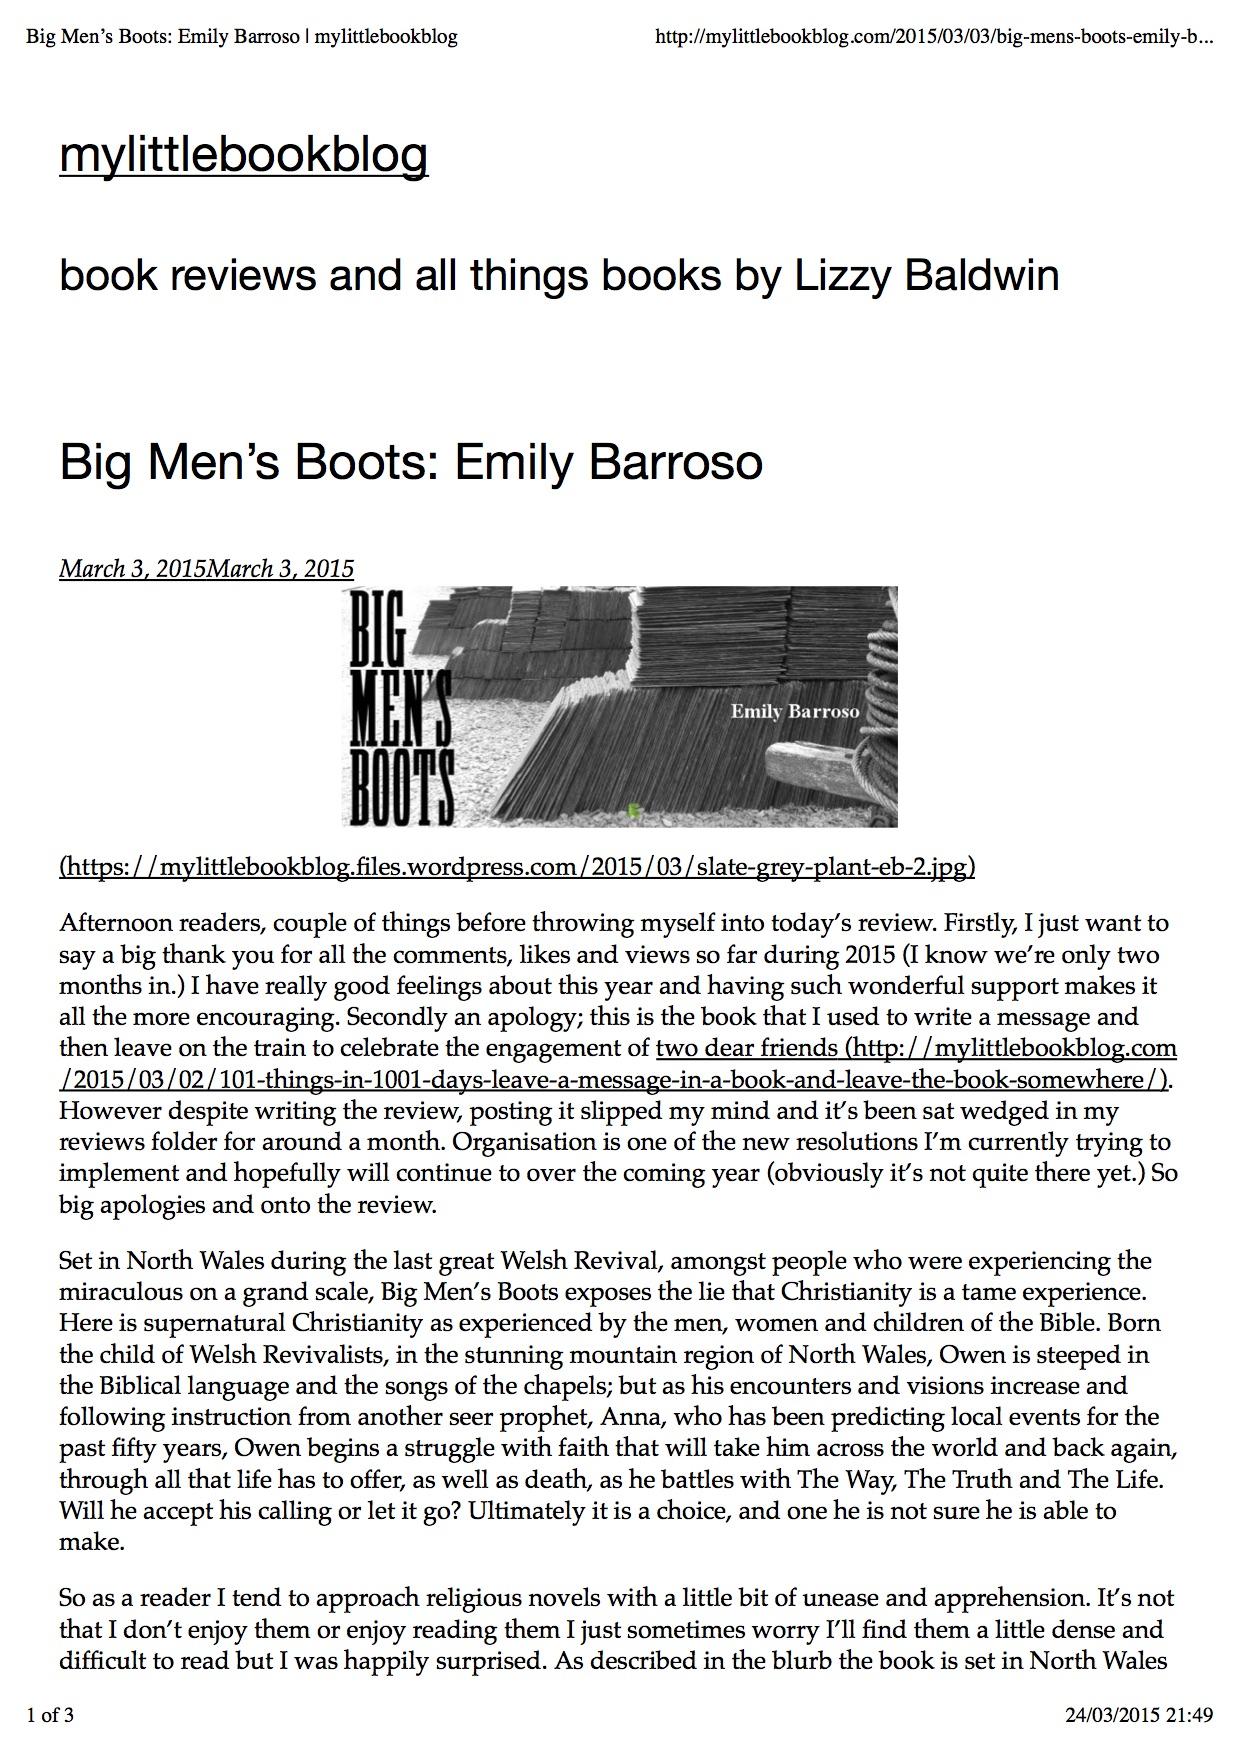 Big Men's Boots - Emily Barroso - mylittlebookblog 1